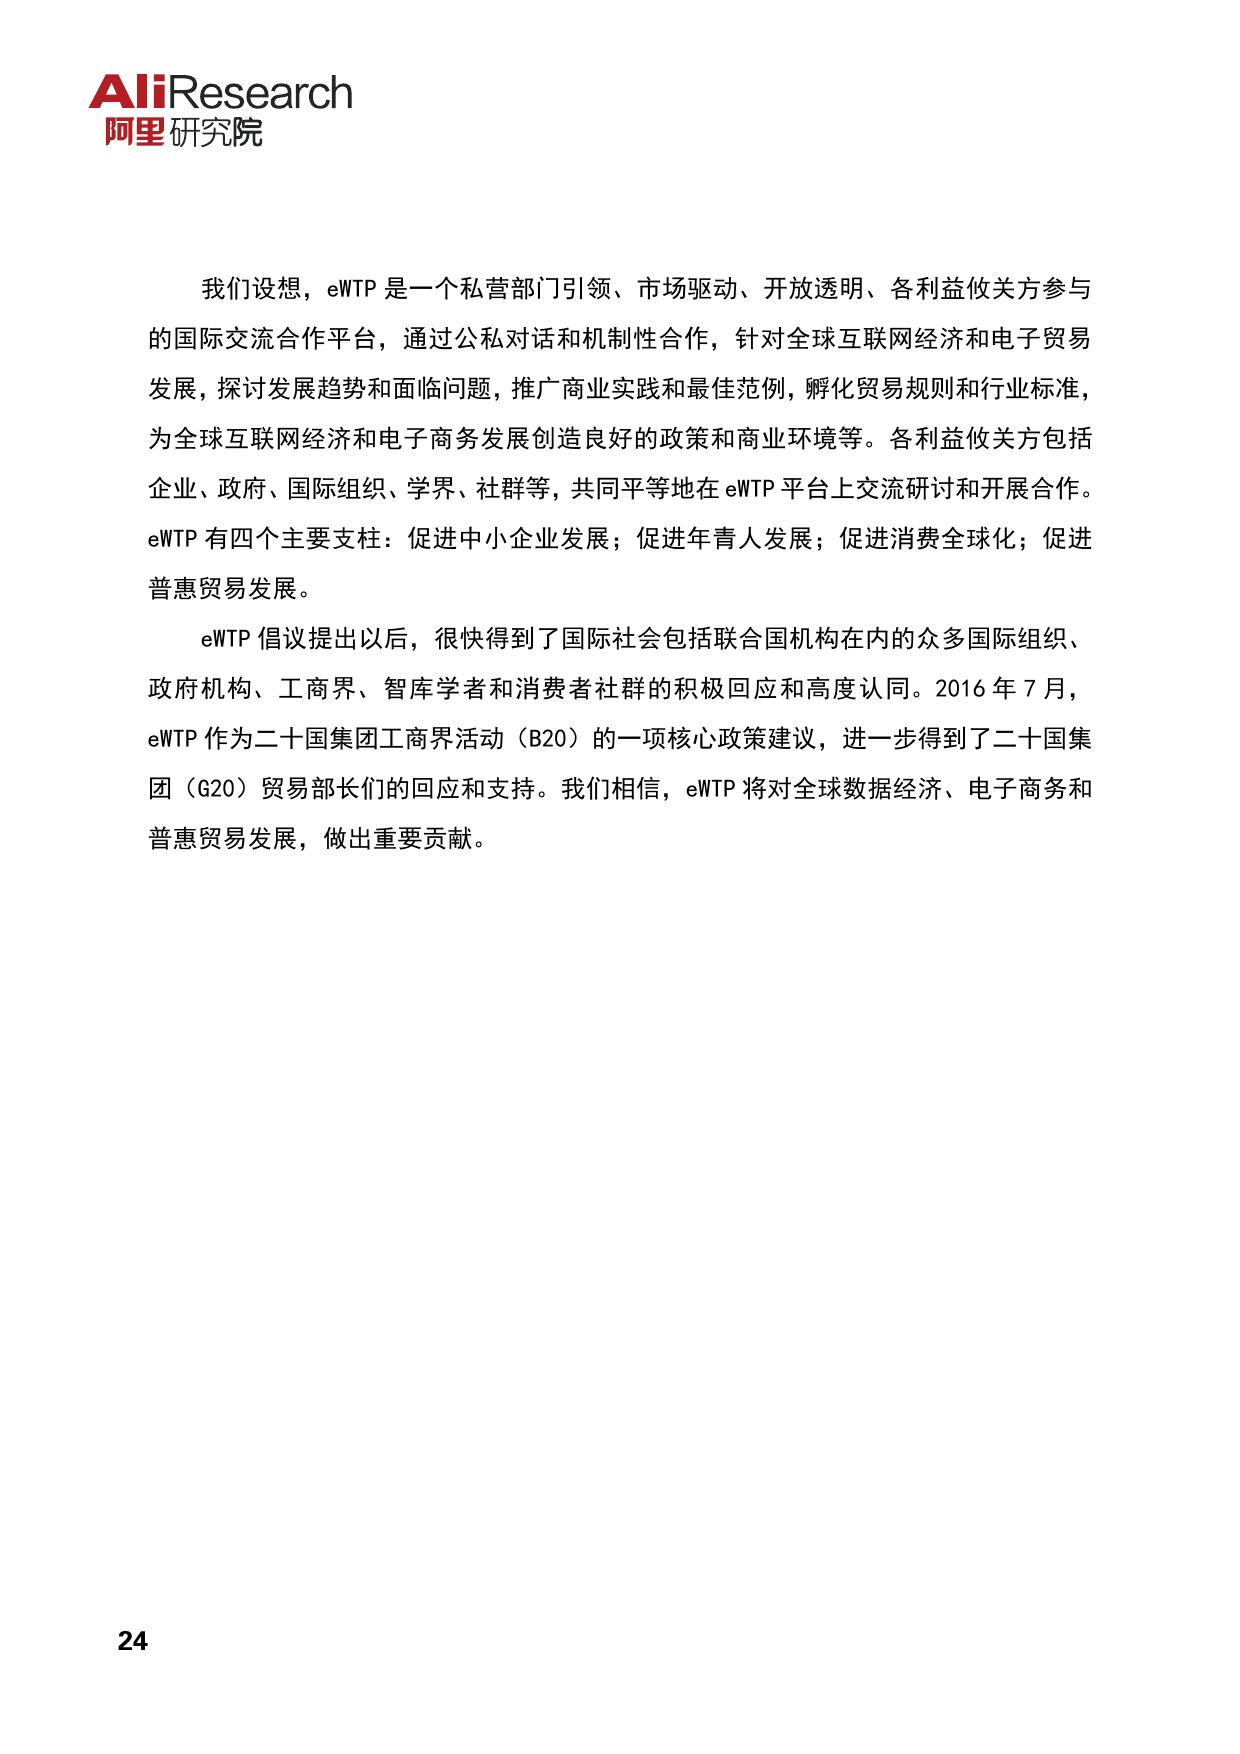 2016中国跨境电商发展报告_000028